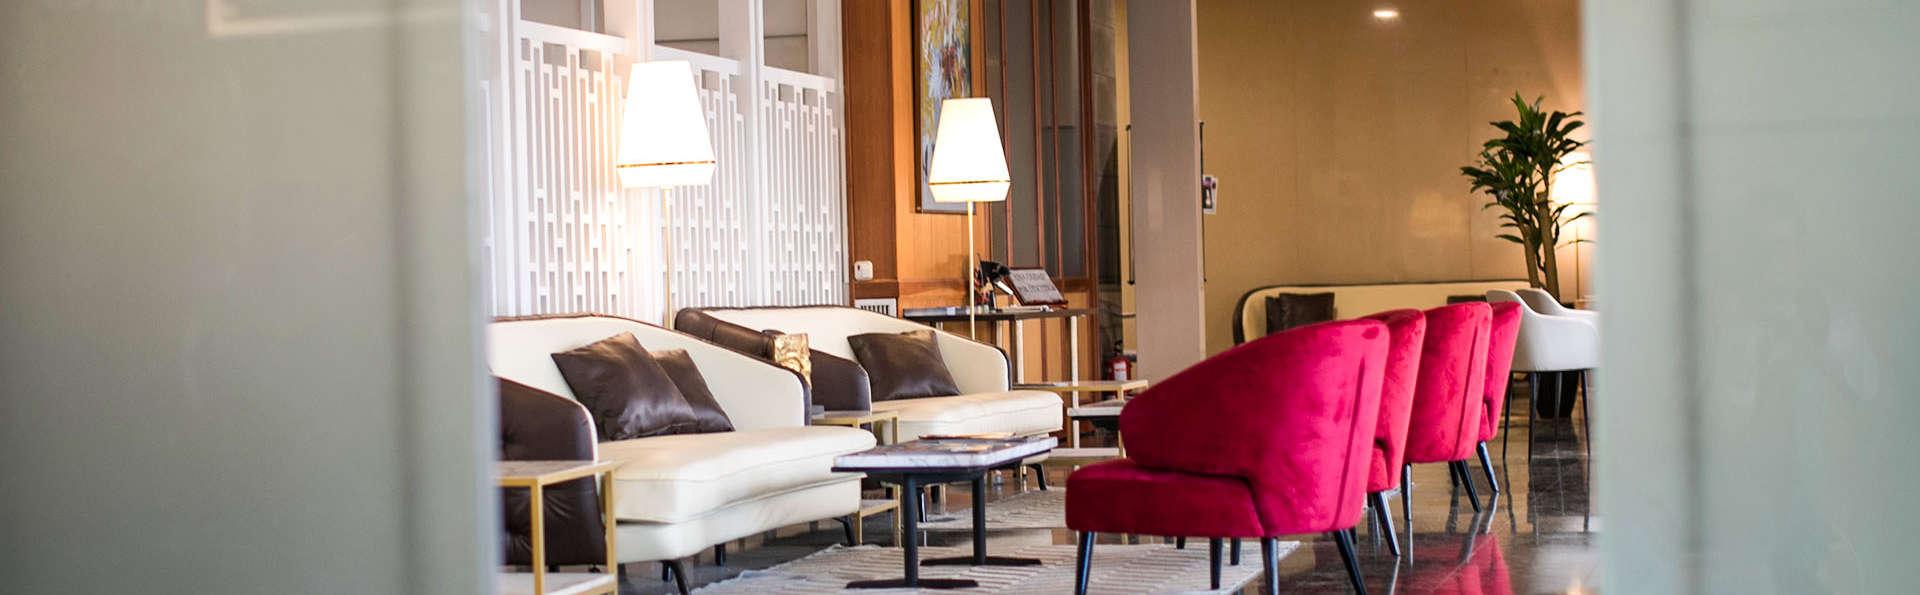 Hotel Reconquista - EDIT_AERIAL_01.JPG